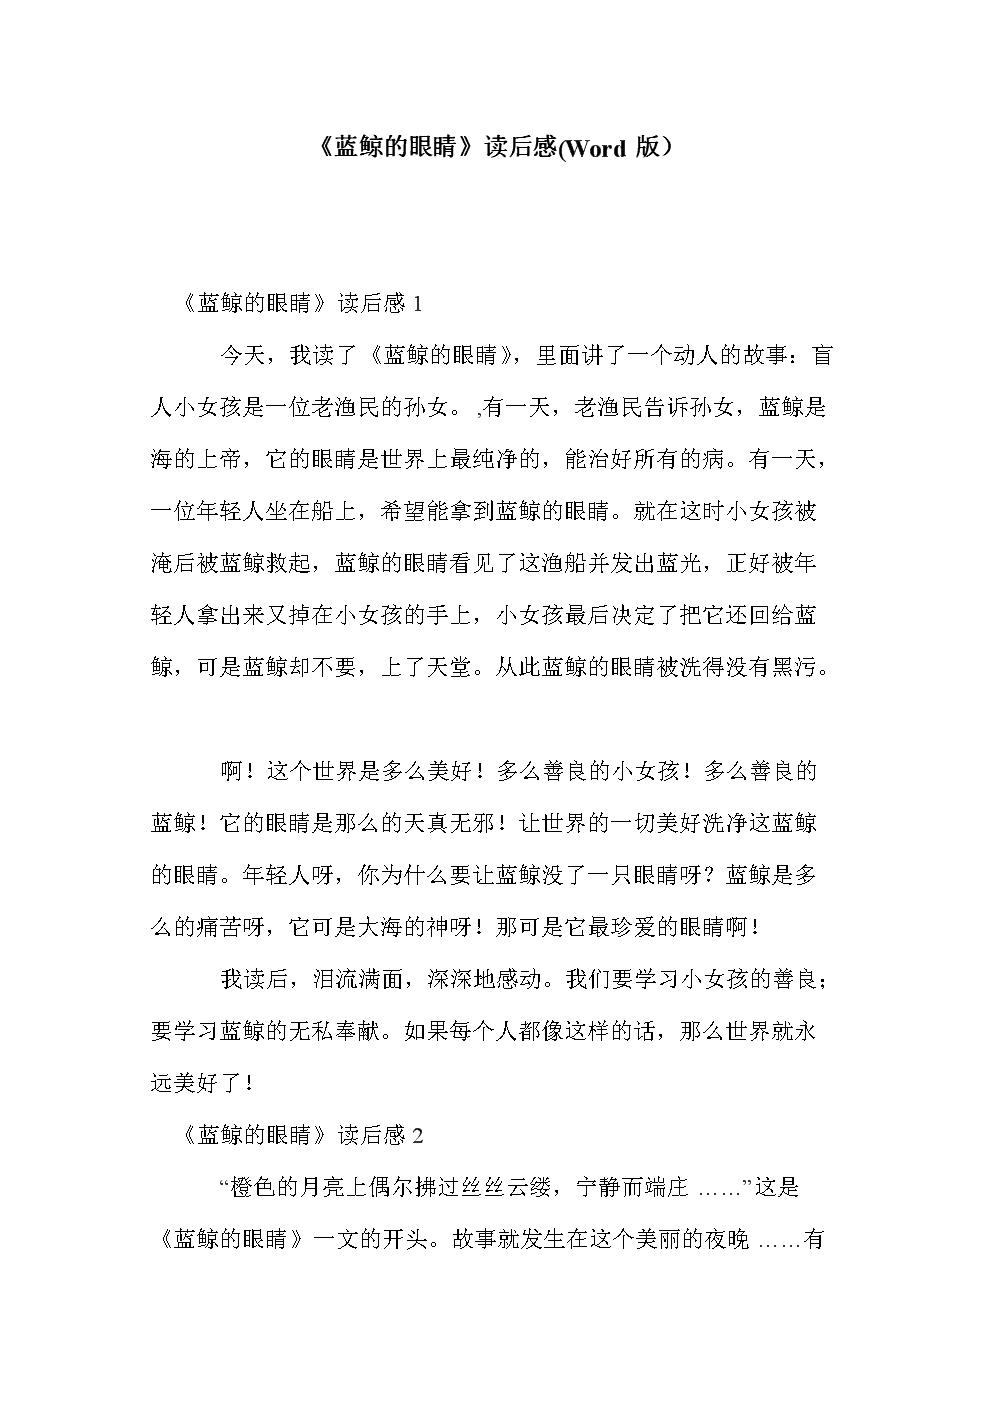 《蓝鲸的眼睛》读后感(Word版).doc